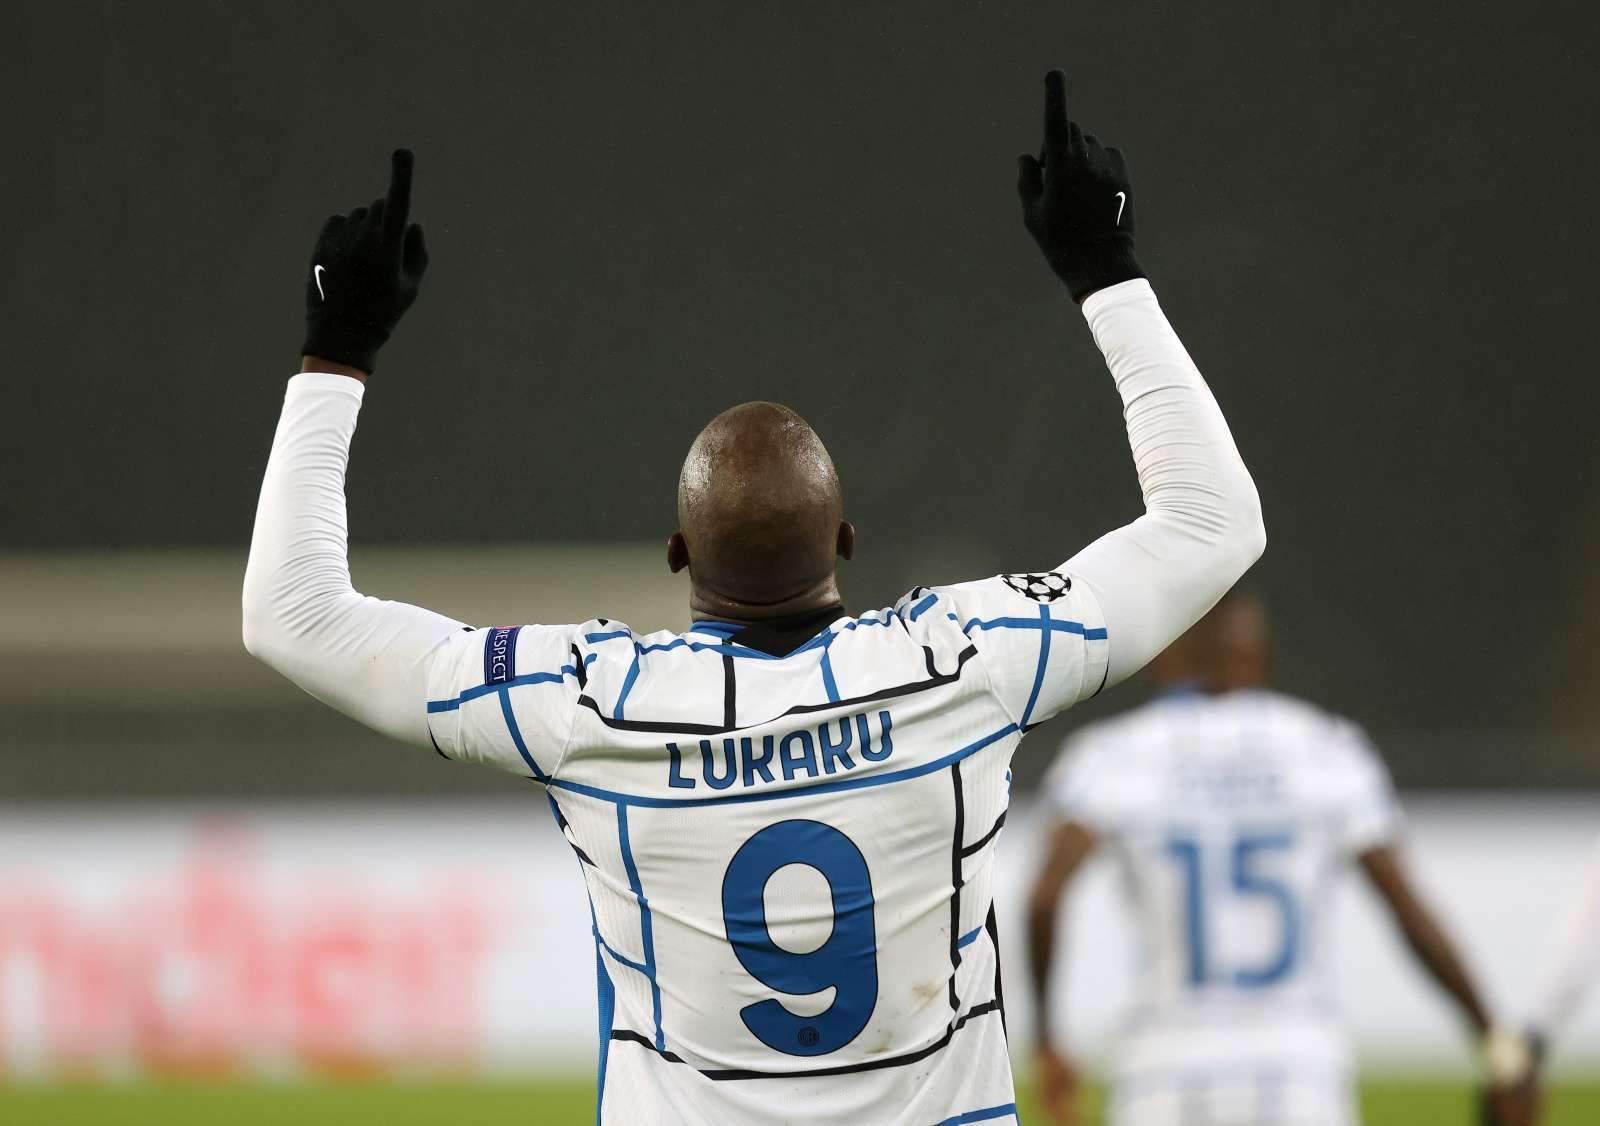 Лукаку: «Мы победили, а это важно для обретения уверенности в своих силах»